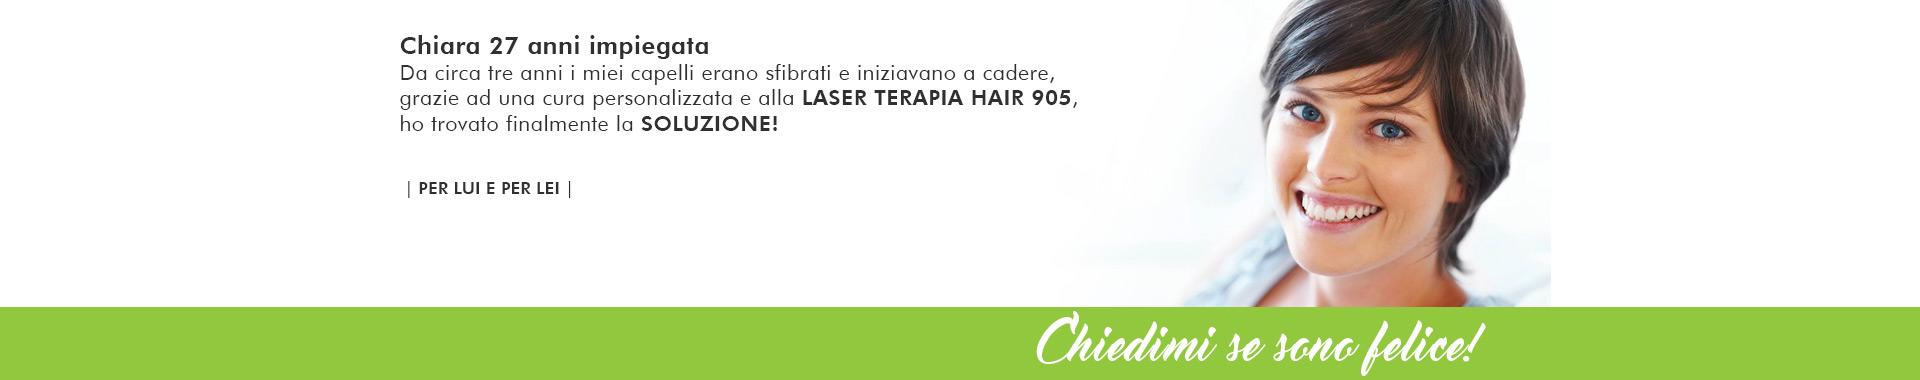 alopecia femminile